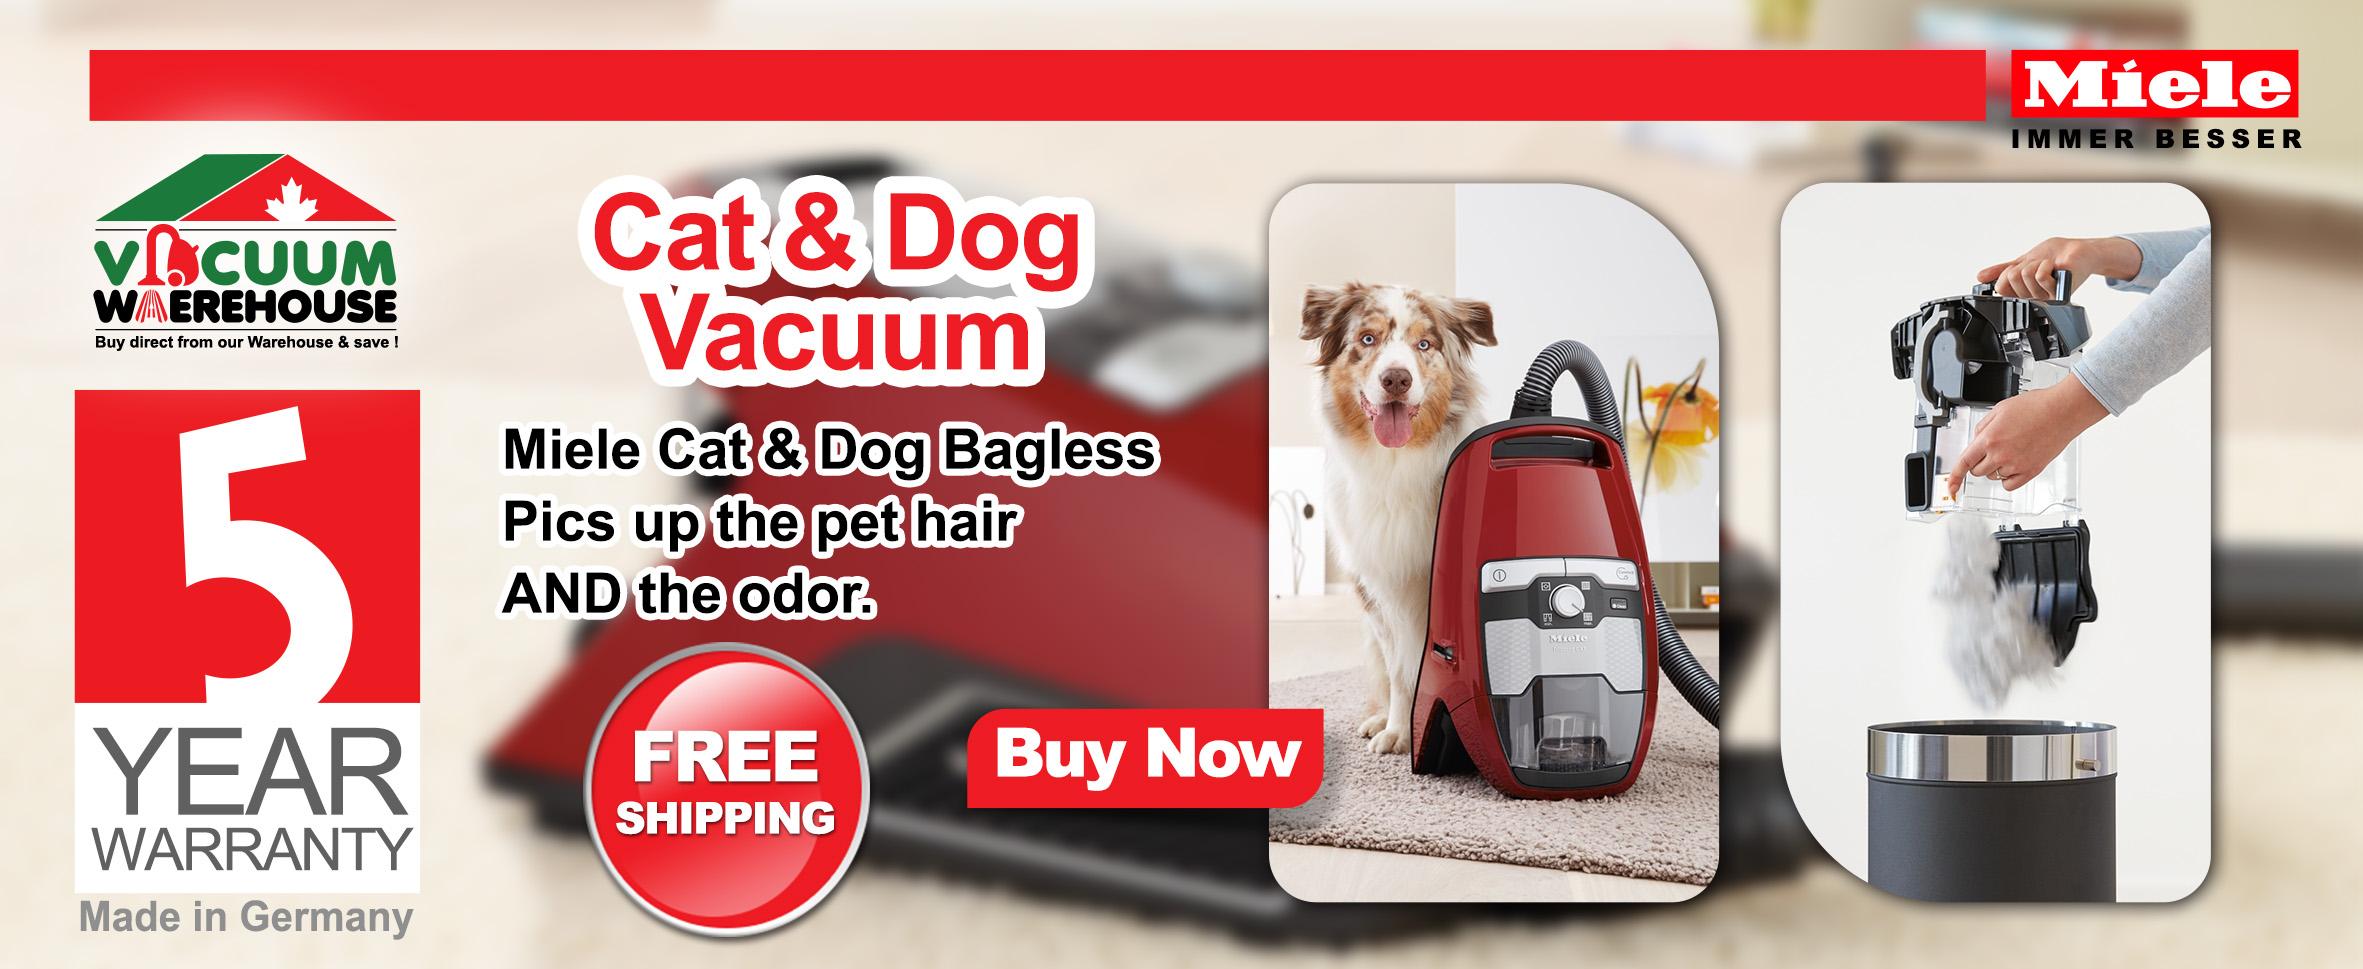 2-cat-and-dog-vacuum-copy-1-.jpg